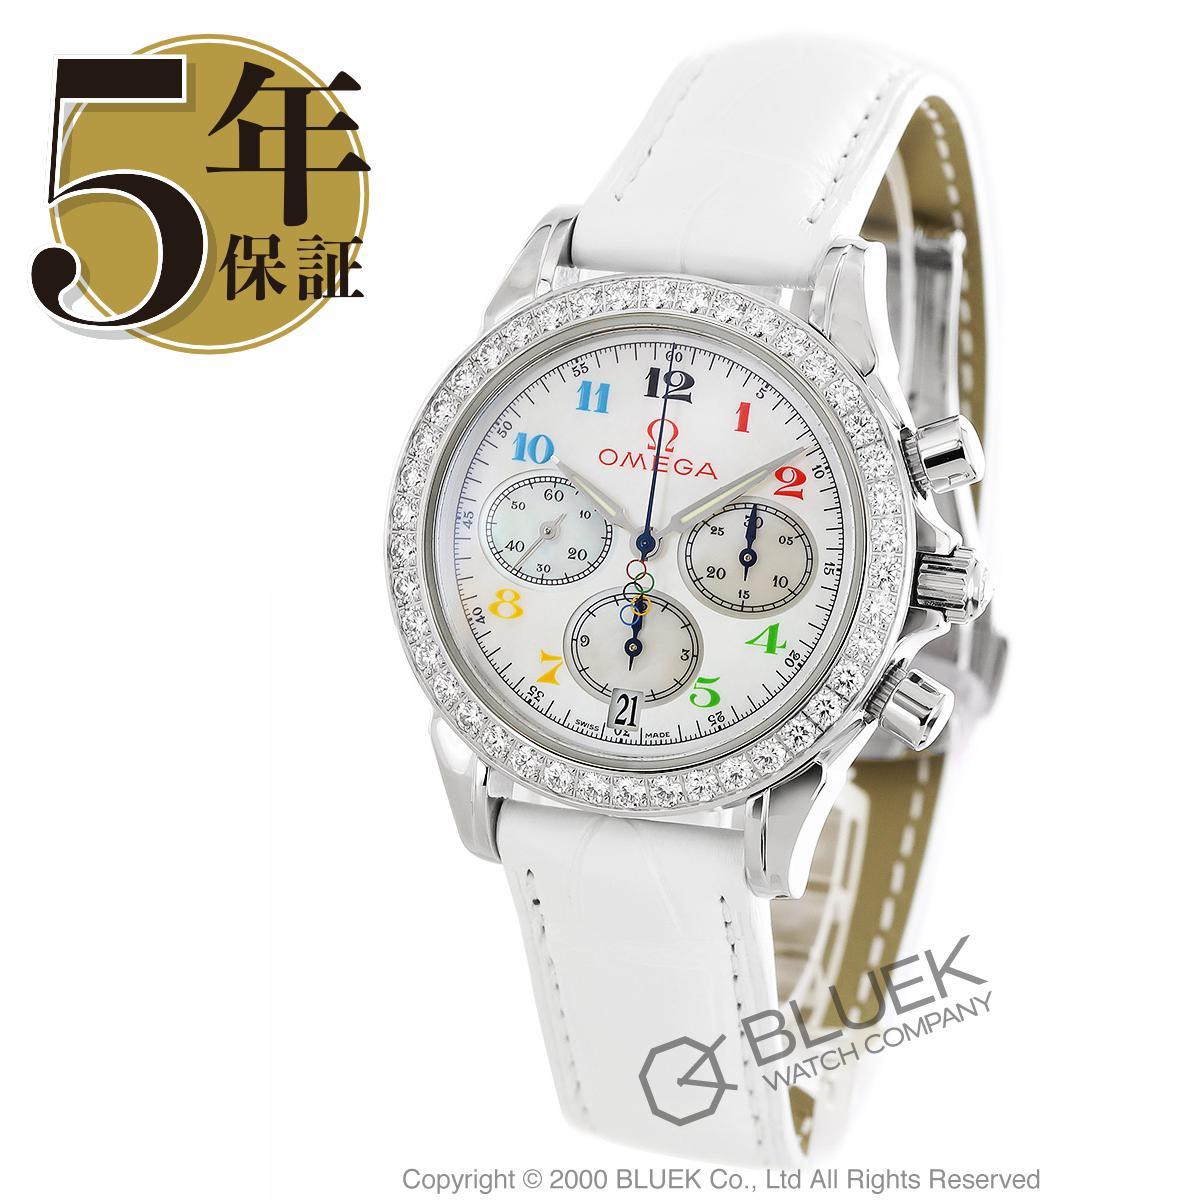 オメガ スペシャリティーズ オリンピックコレクション クロノグラフ ダイヤ アリゲーターレザー 腕時計 レディース OMEGA 4876.70.36_5